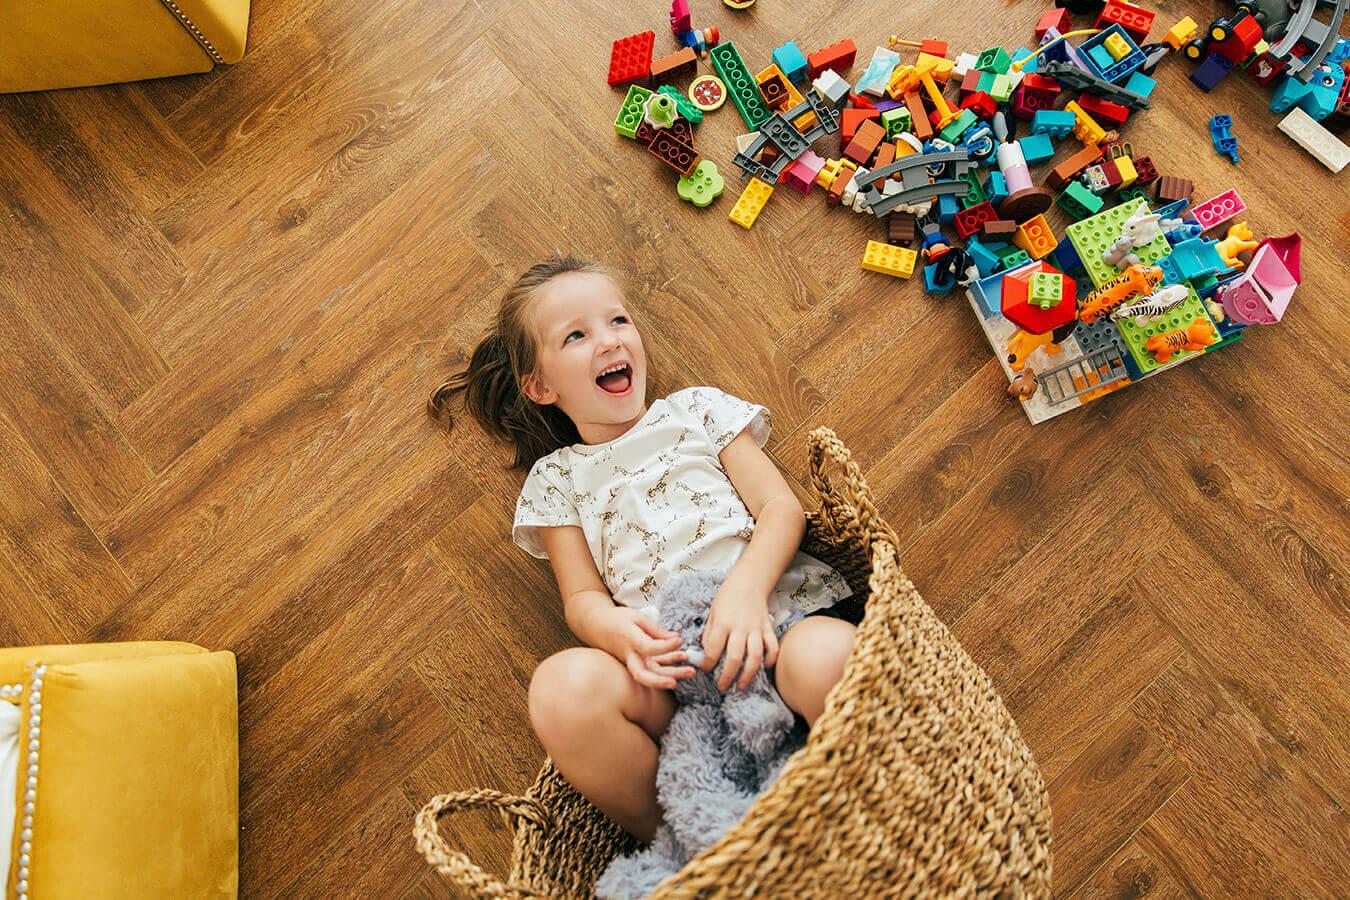 Jakie wybrać klocki LEGO dla 4 latka?